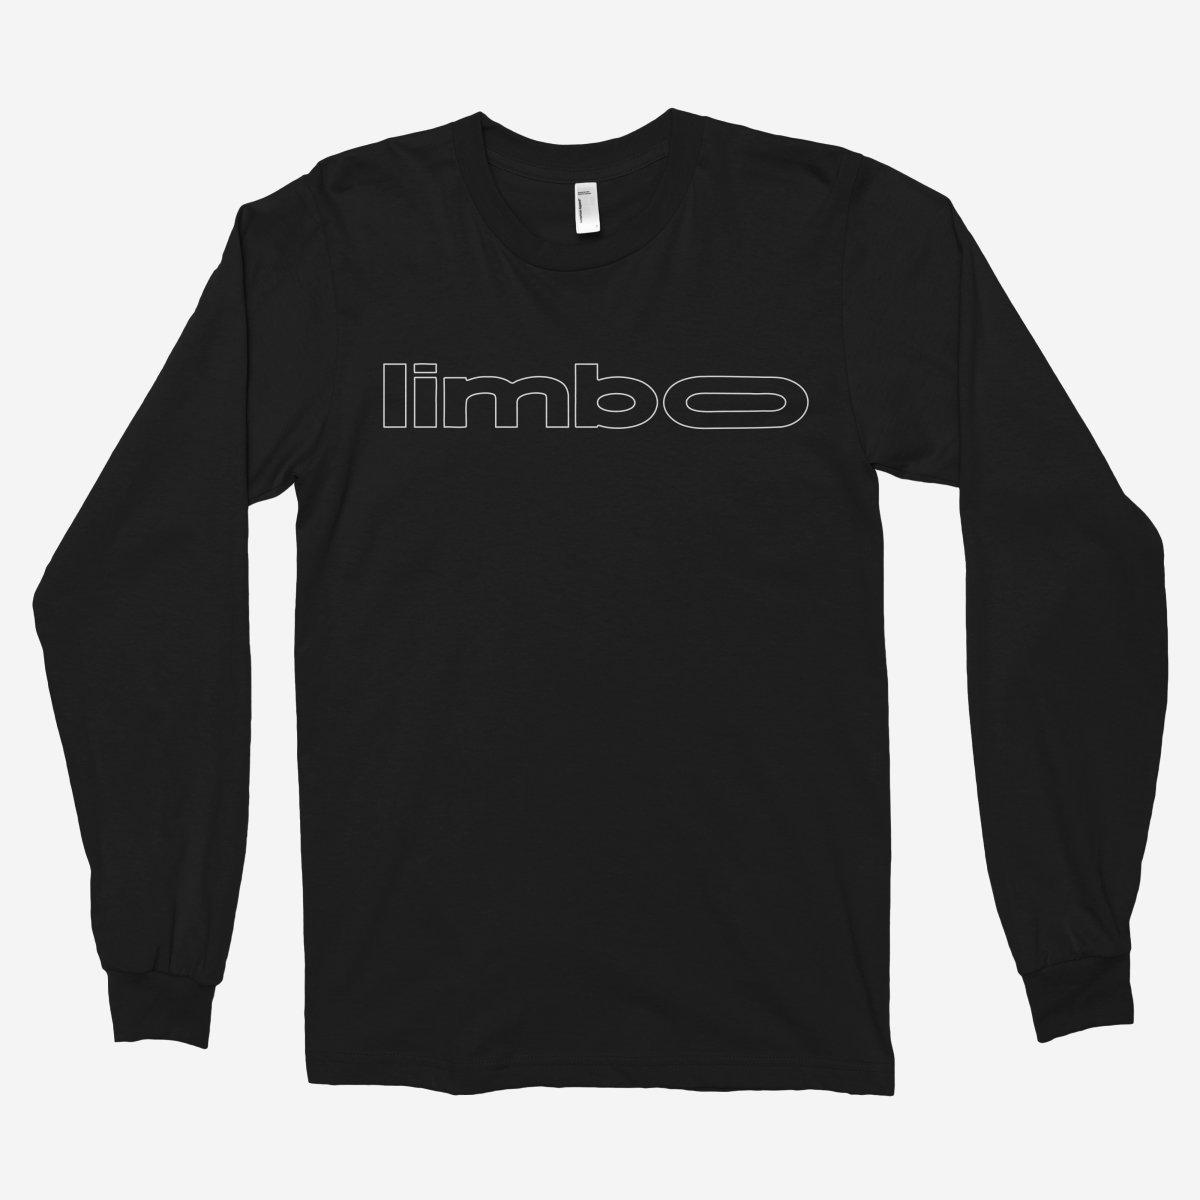 Amine - Limbo Logo Unisex Long Sleeve T-Shirt